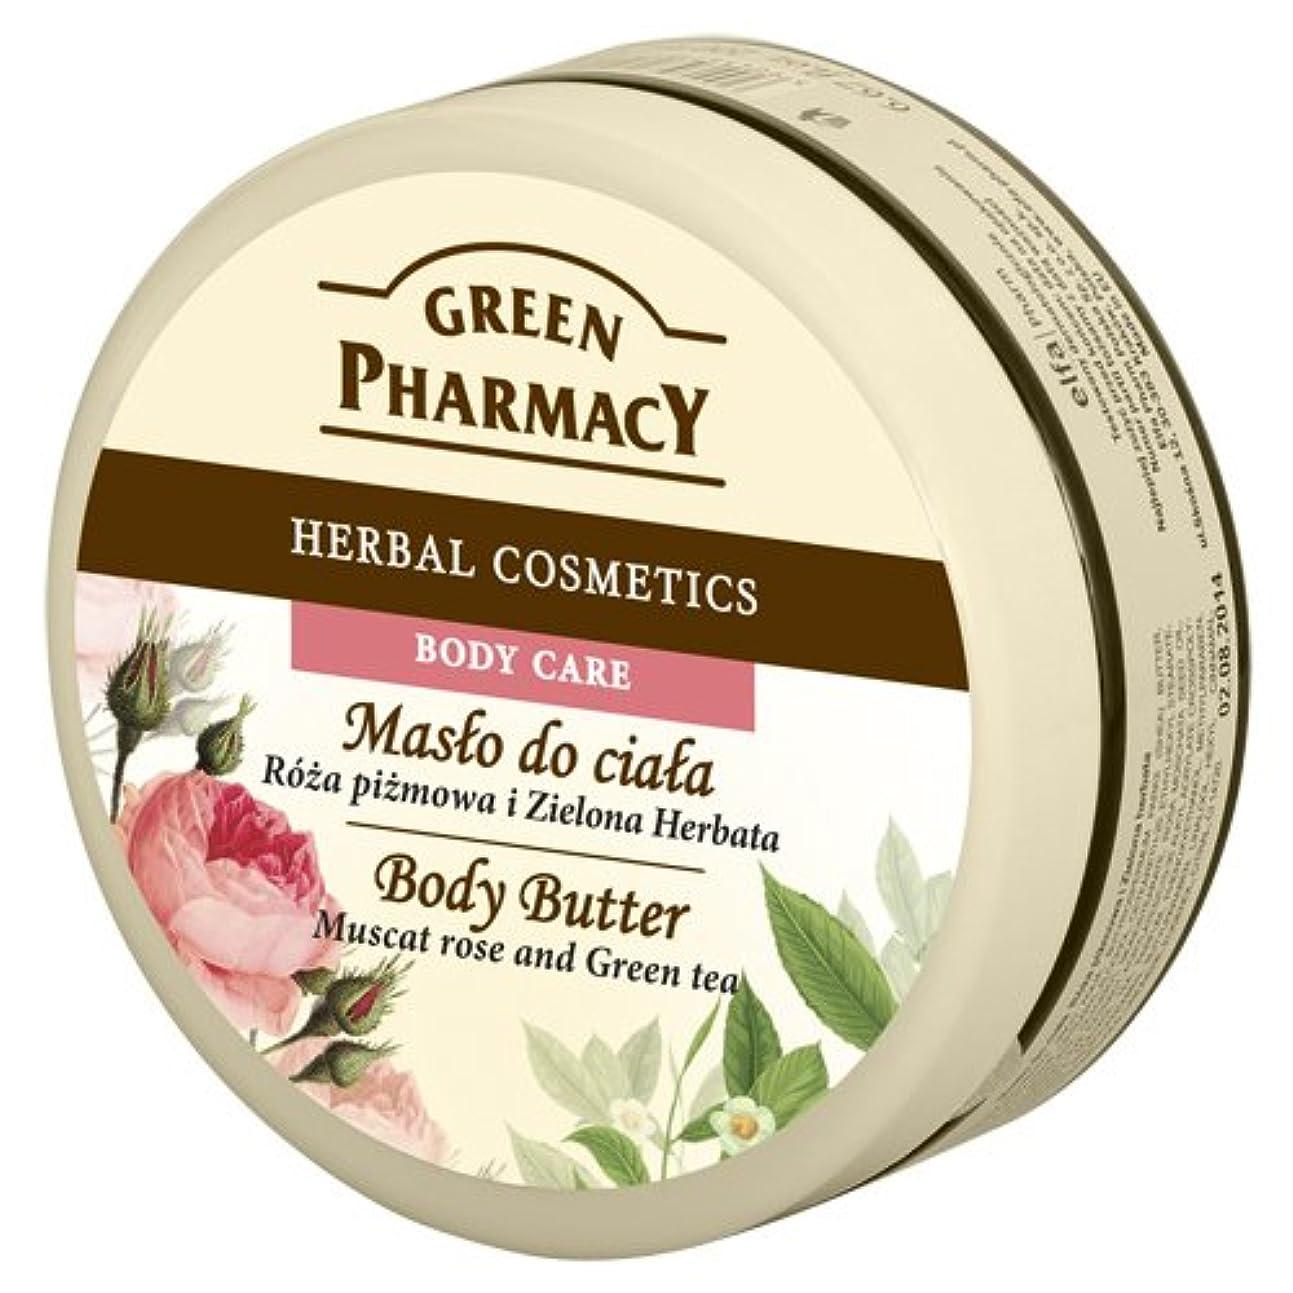 コーンウォール故障ラッドヤードキップリングElfa Pharm Green Pharmacy グリーンファーマシー Body Butter ボディバター Muscat Rose and Green Tea